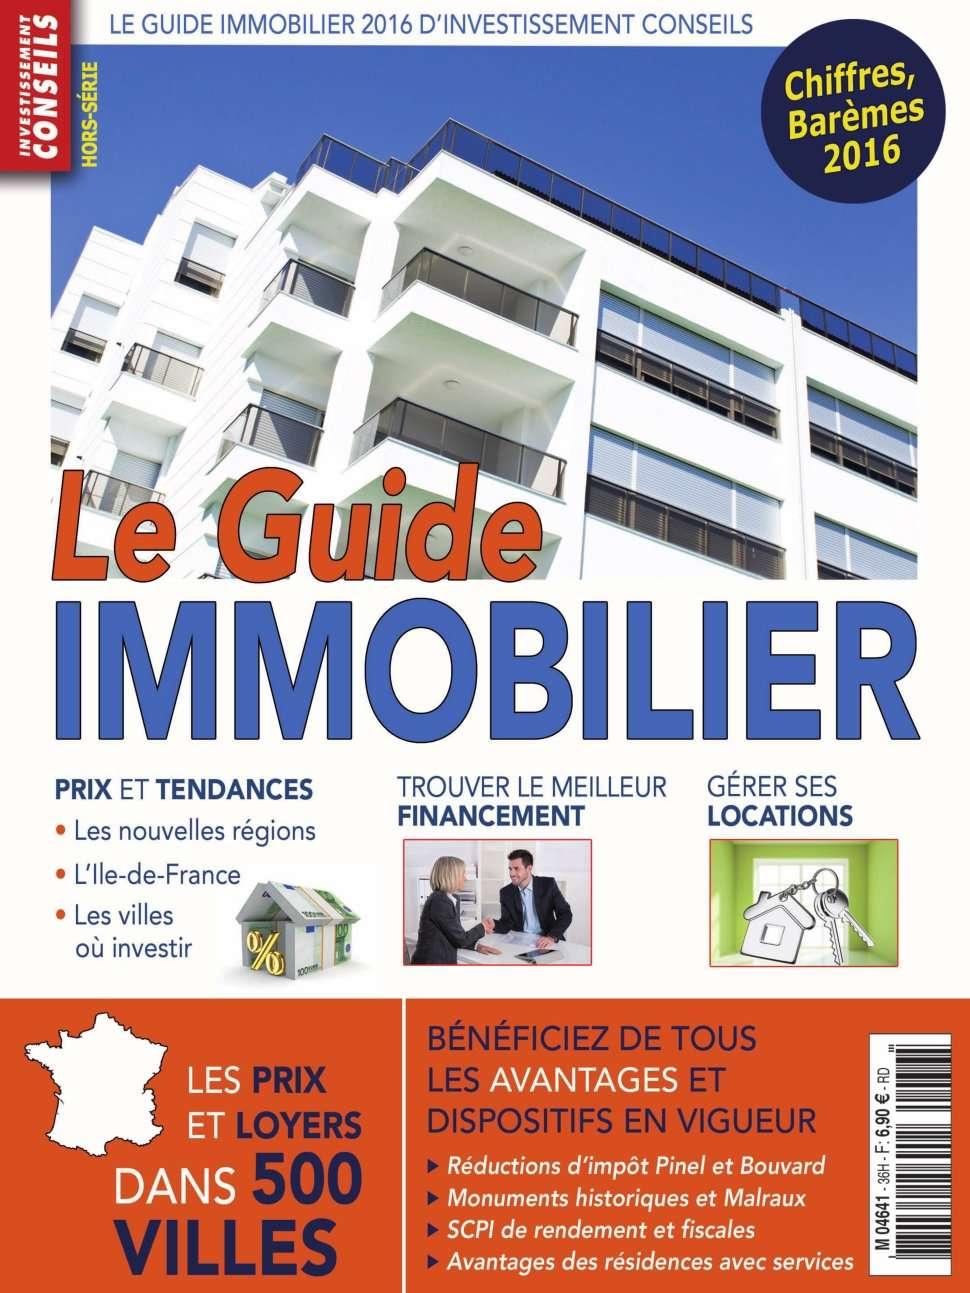 Investissement Conseils Hors-Série 36 - Le Guide Immobilier 2016